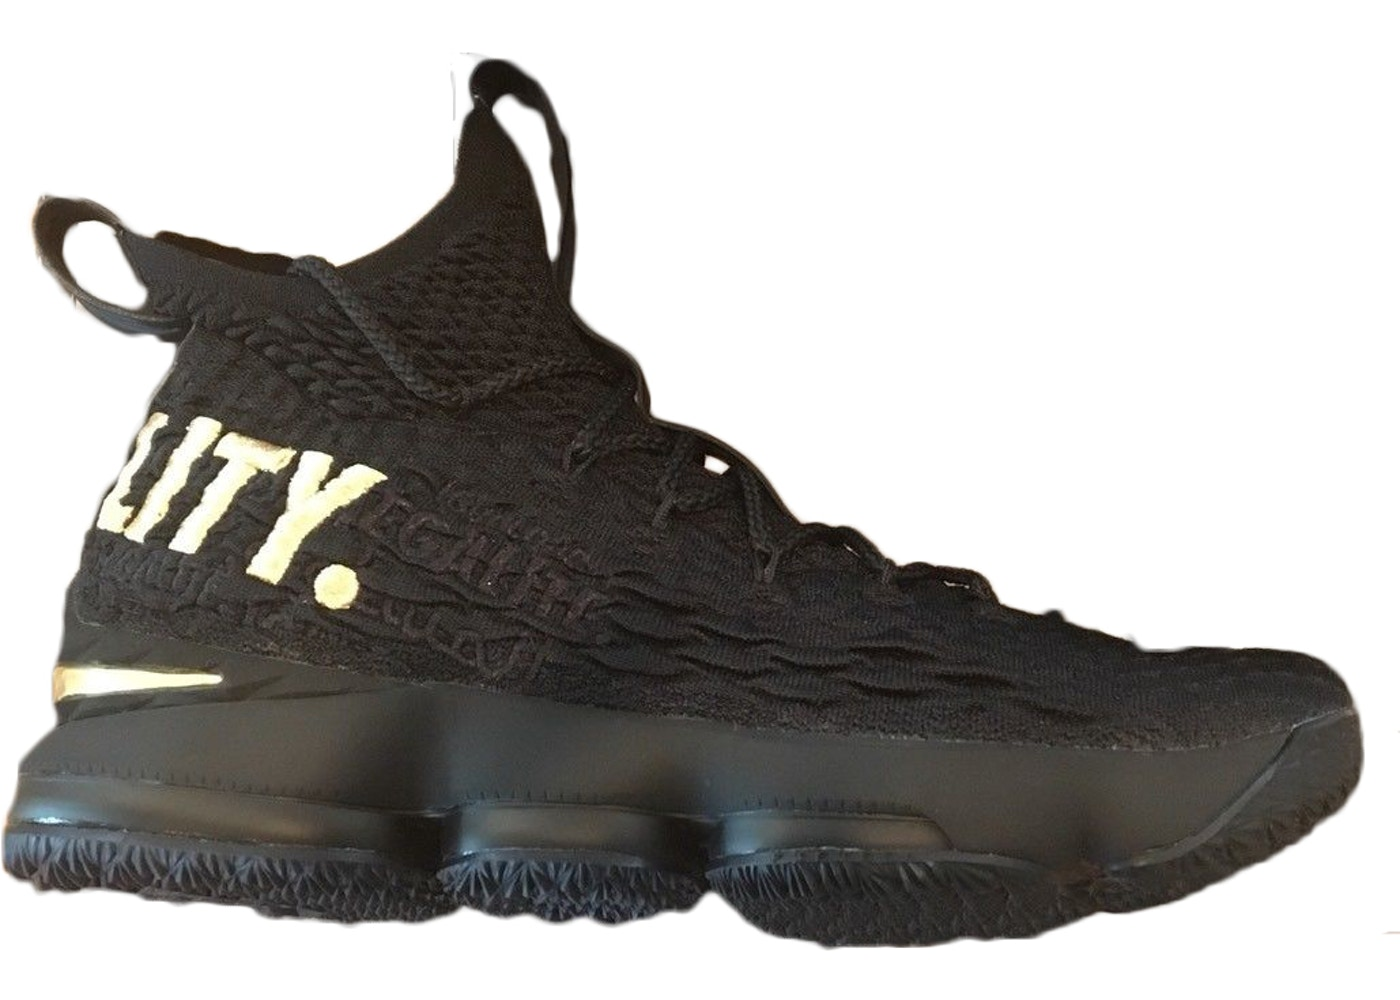 a06be37ed95 Nike LeBron 15